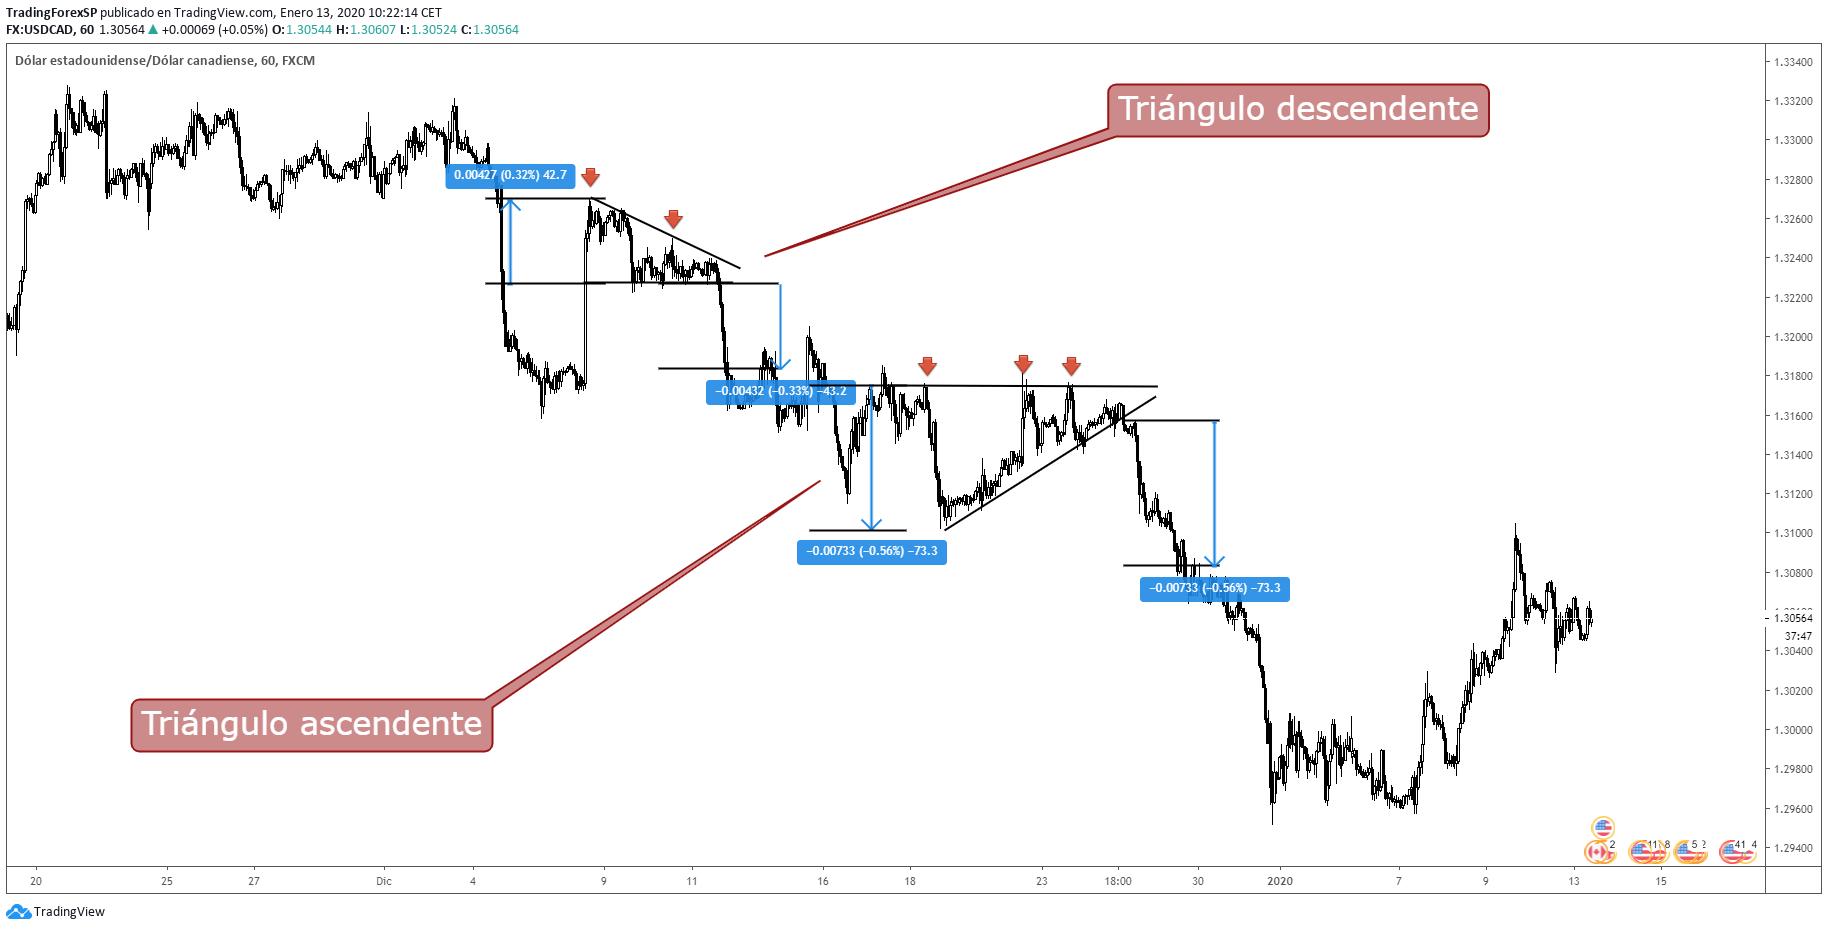 Figura triángulo ascendente descendente